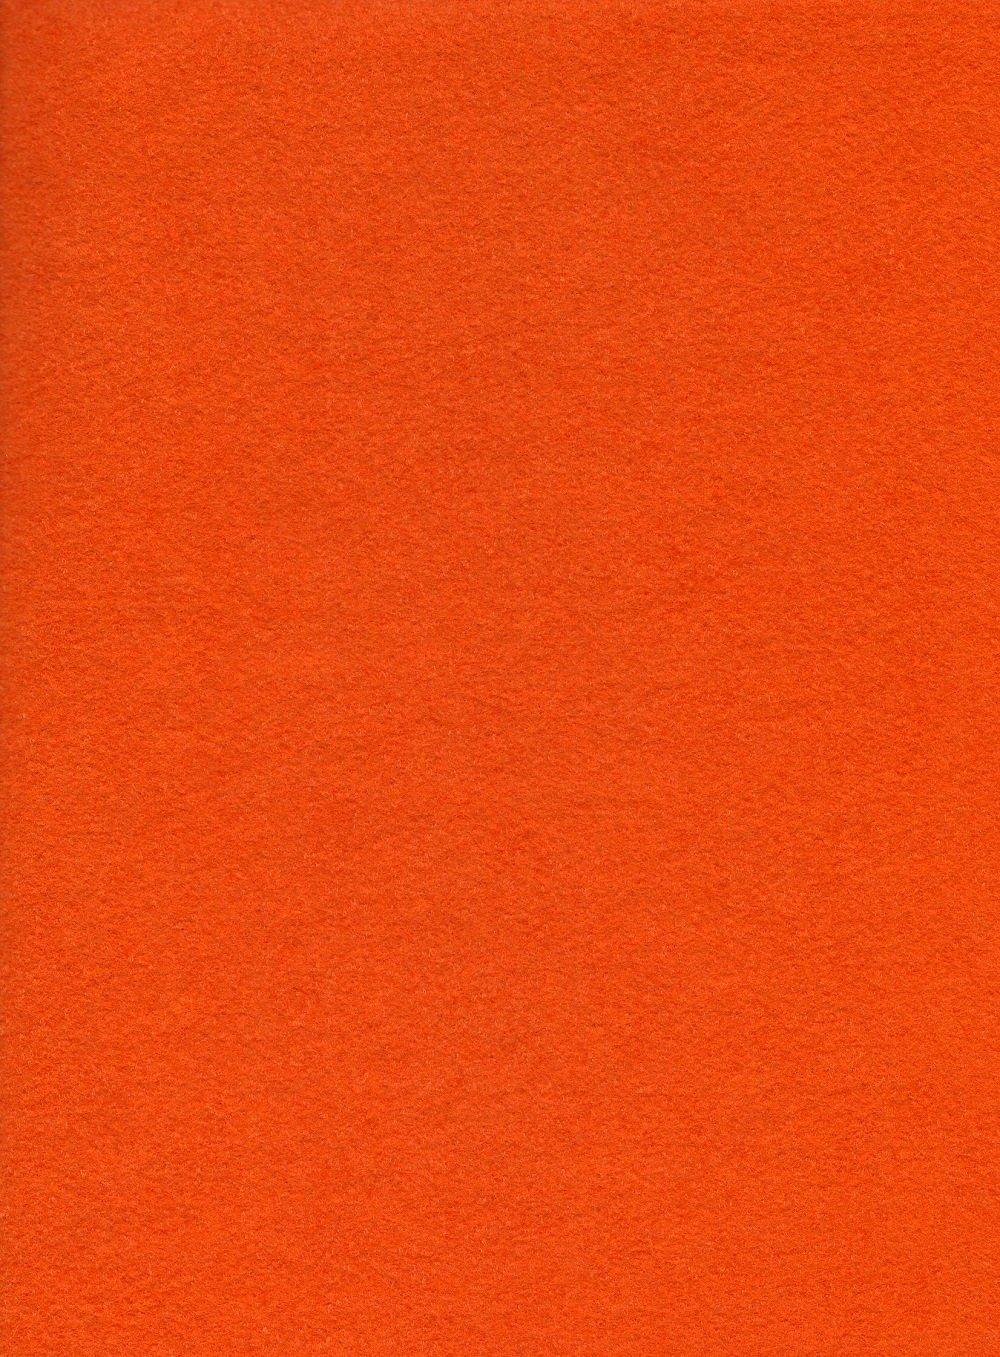 Mystical Mandarin - 12 x 18 Square